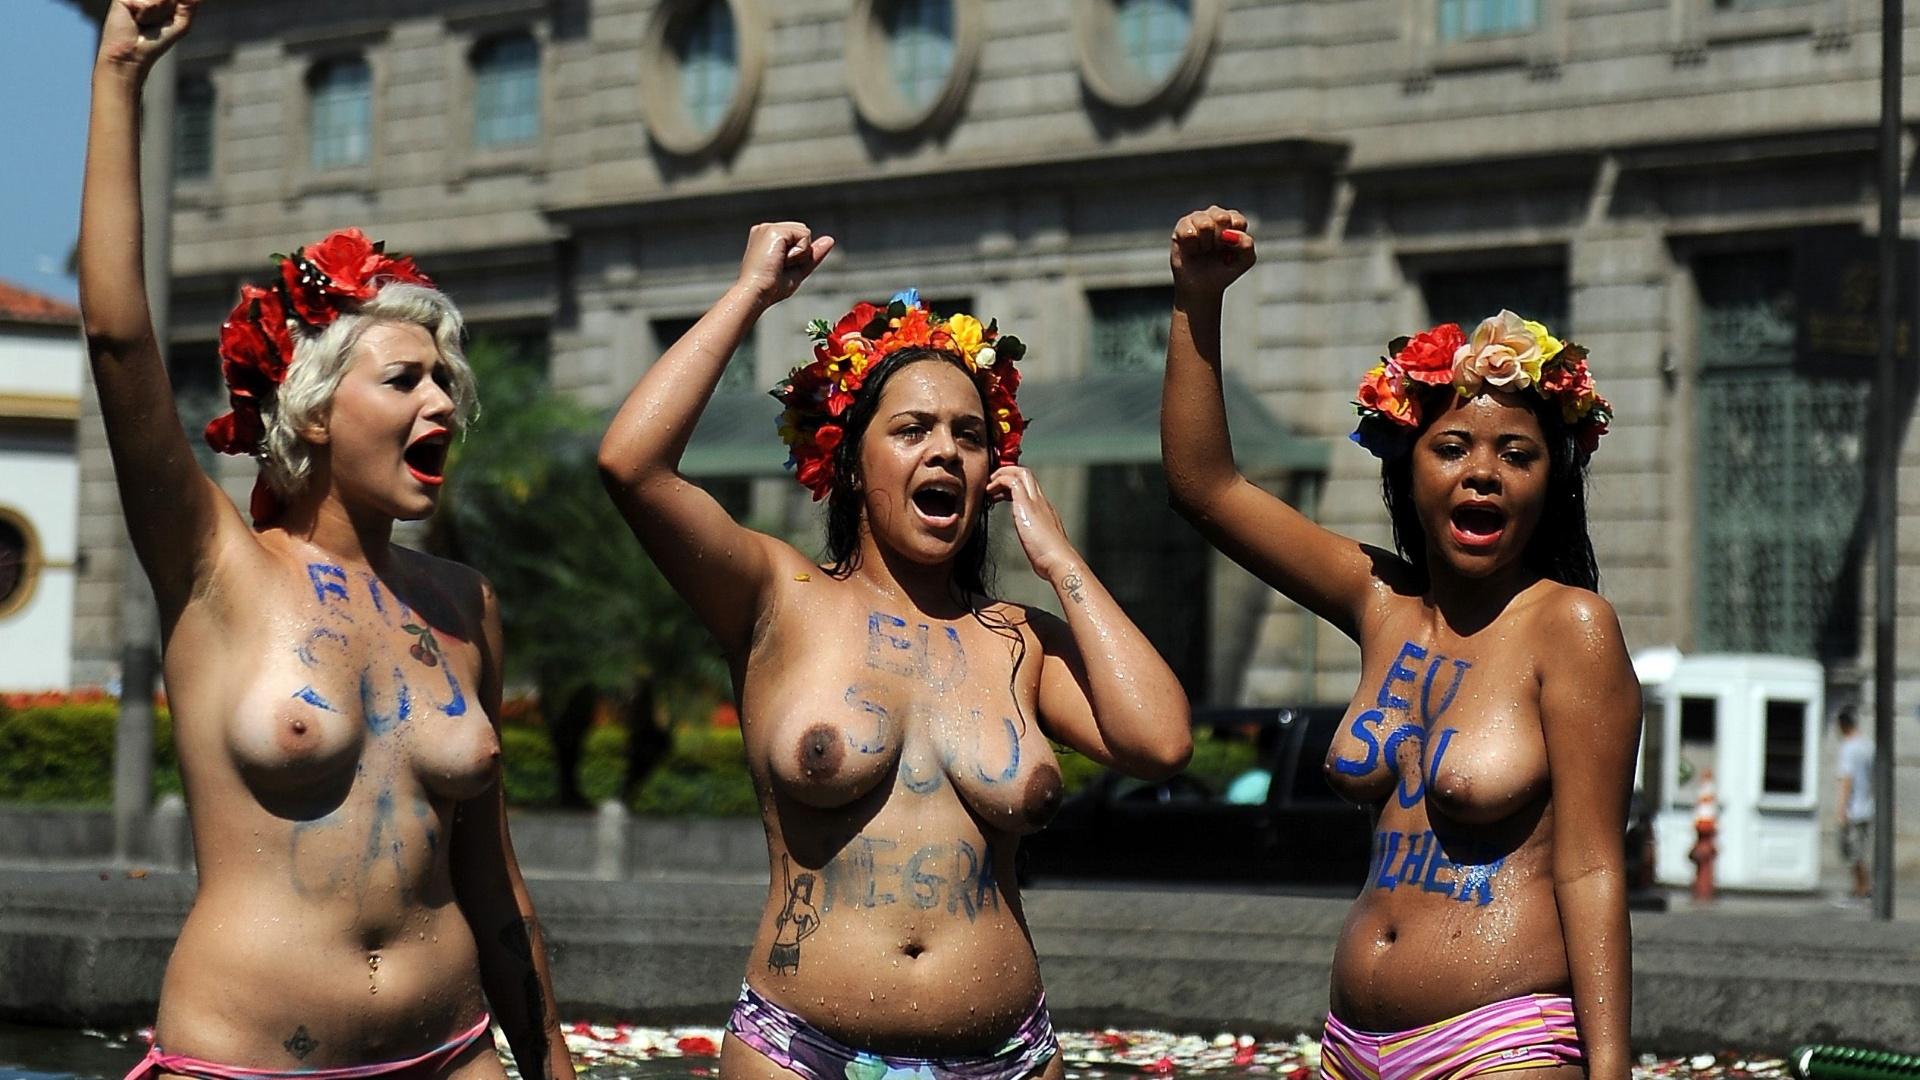 Nude ukrainian protesters